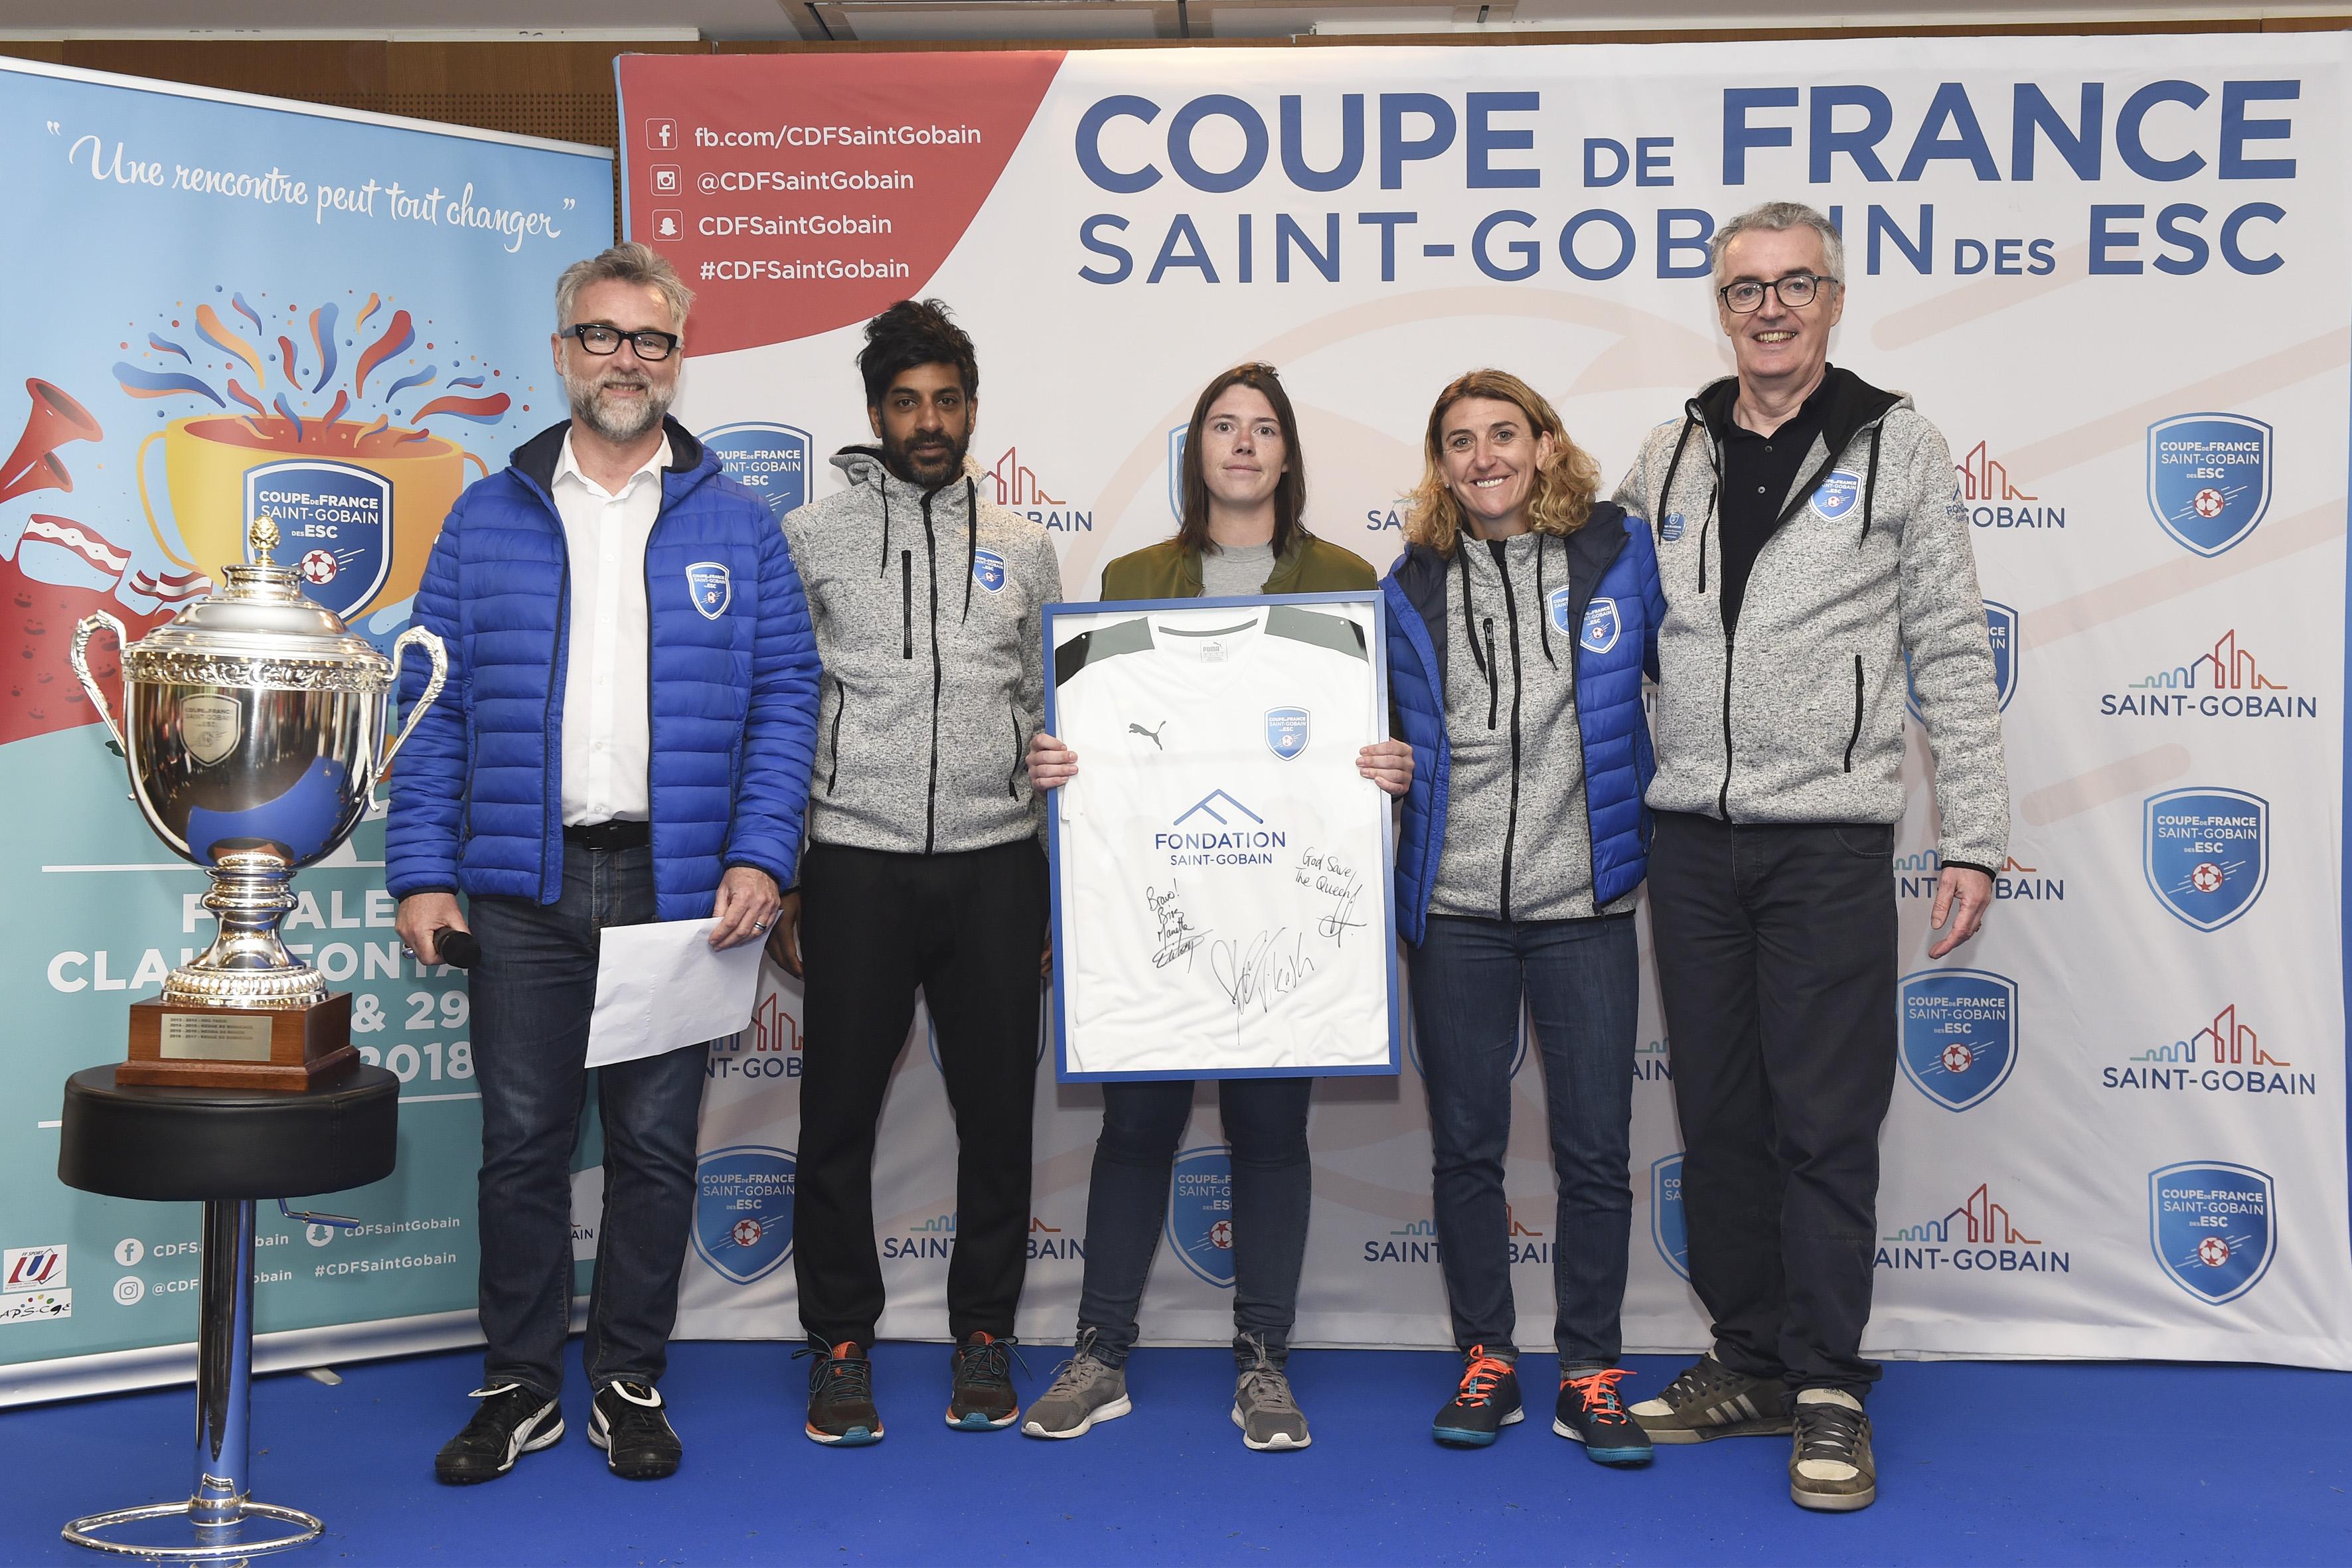 Clairefontaine - 27, 28 & 29 Avril 2018 - Coupe de France Saint-Gobain des ESC - Saison 7 - Final 6